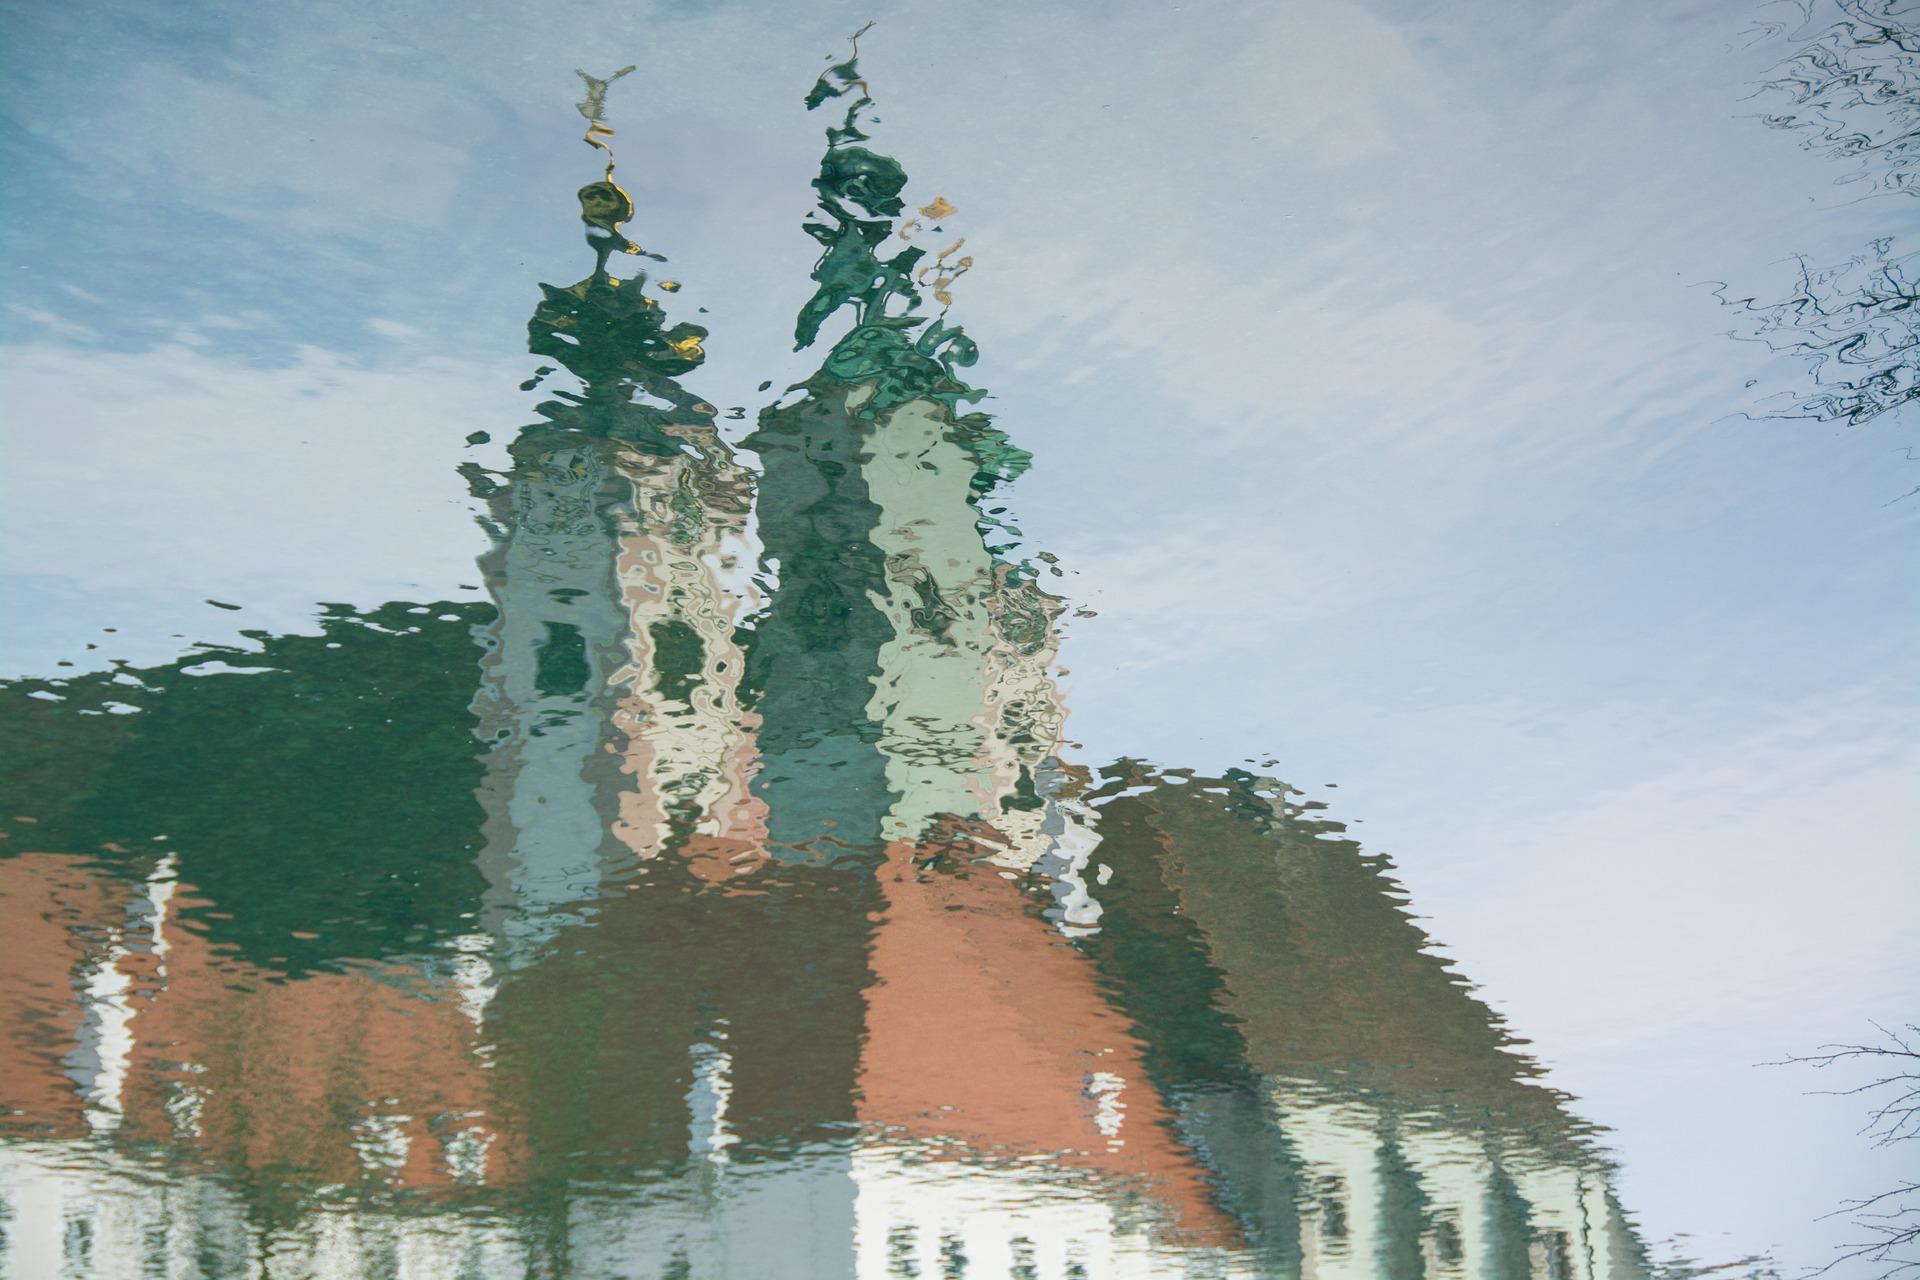 mirroring-1226227_1920.jpg